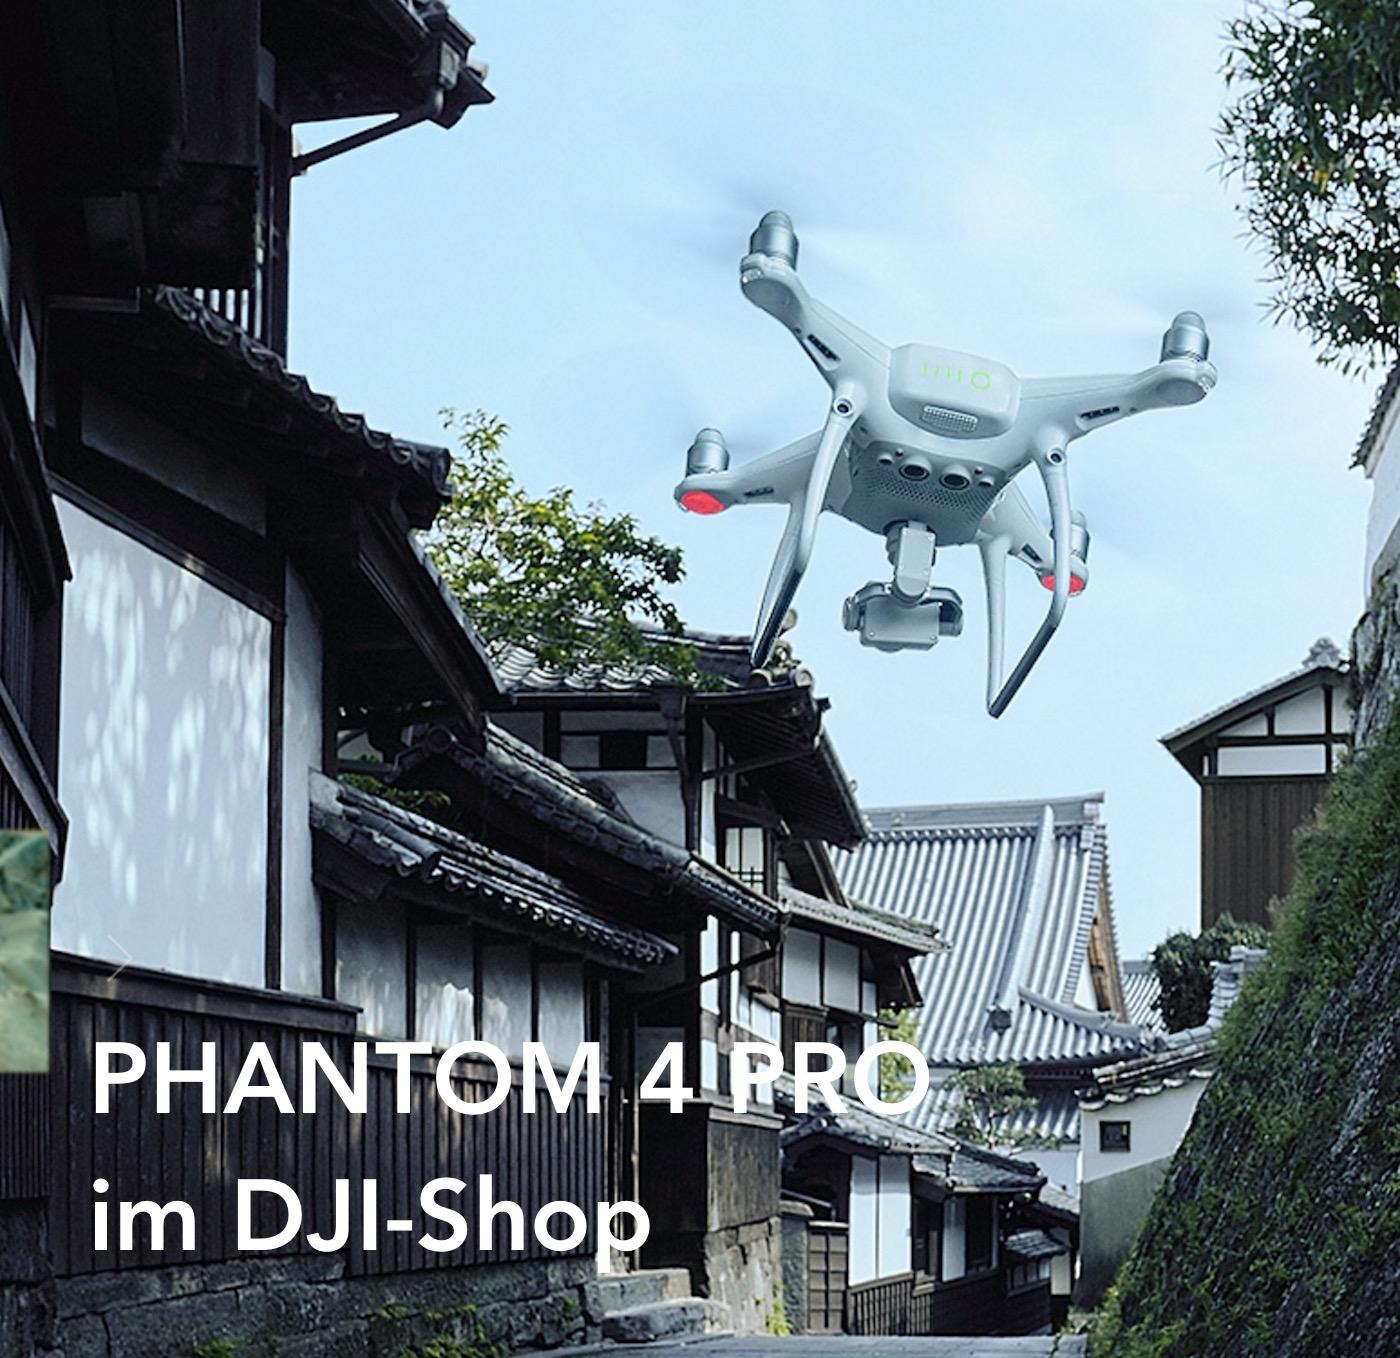 DJI Phantom 4 Pro mit neuer Kamera und zusätzlichen Sensoren